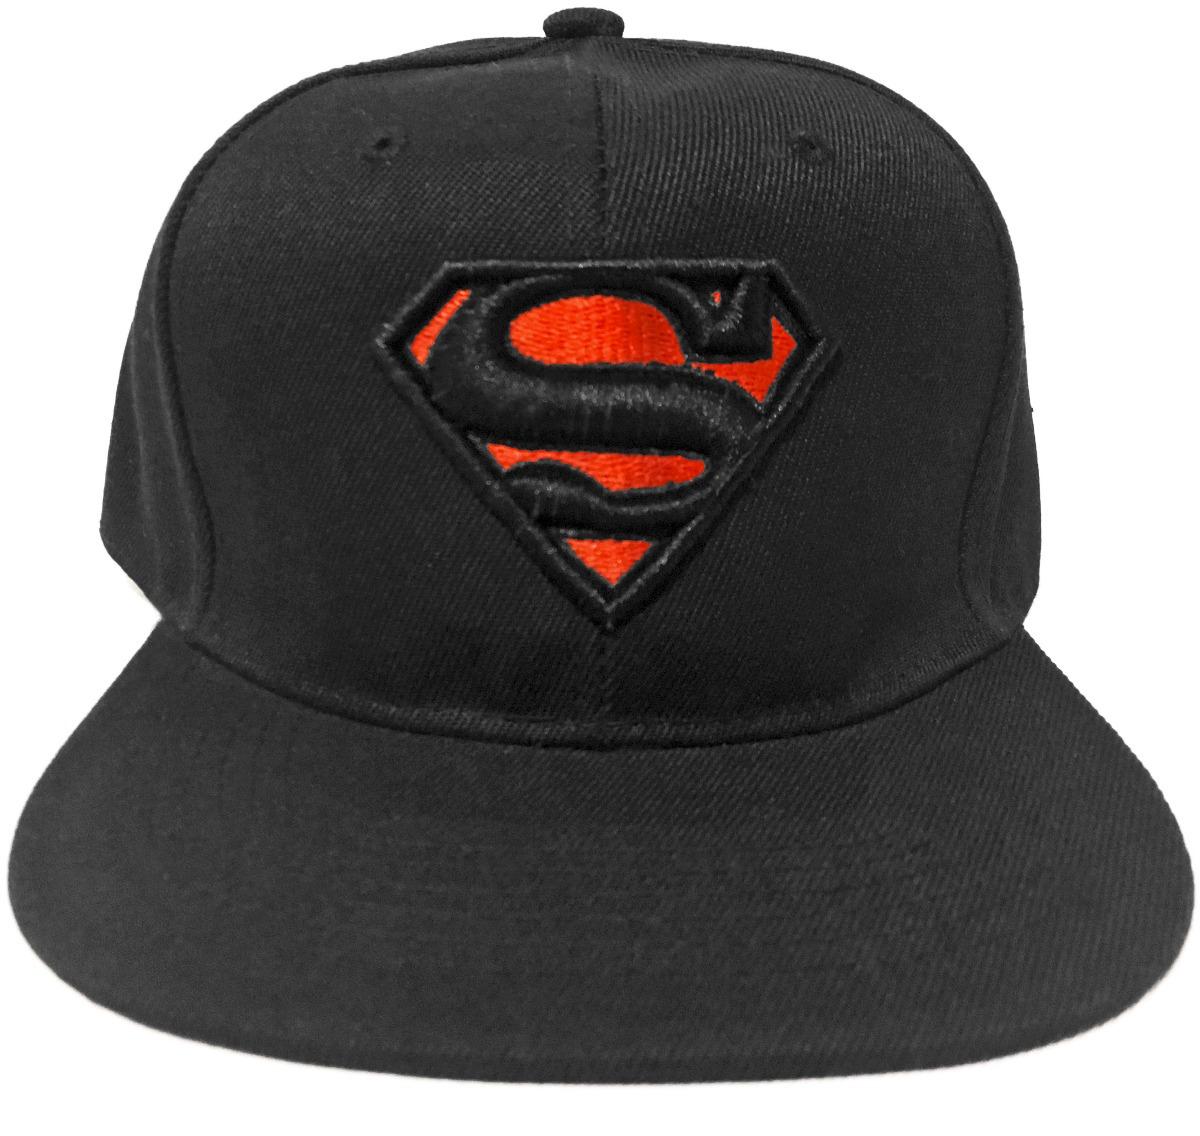 debb395b3b2ee gorra superman superheroe bordada negra black envio gratis. Cargando zoom.